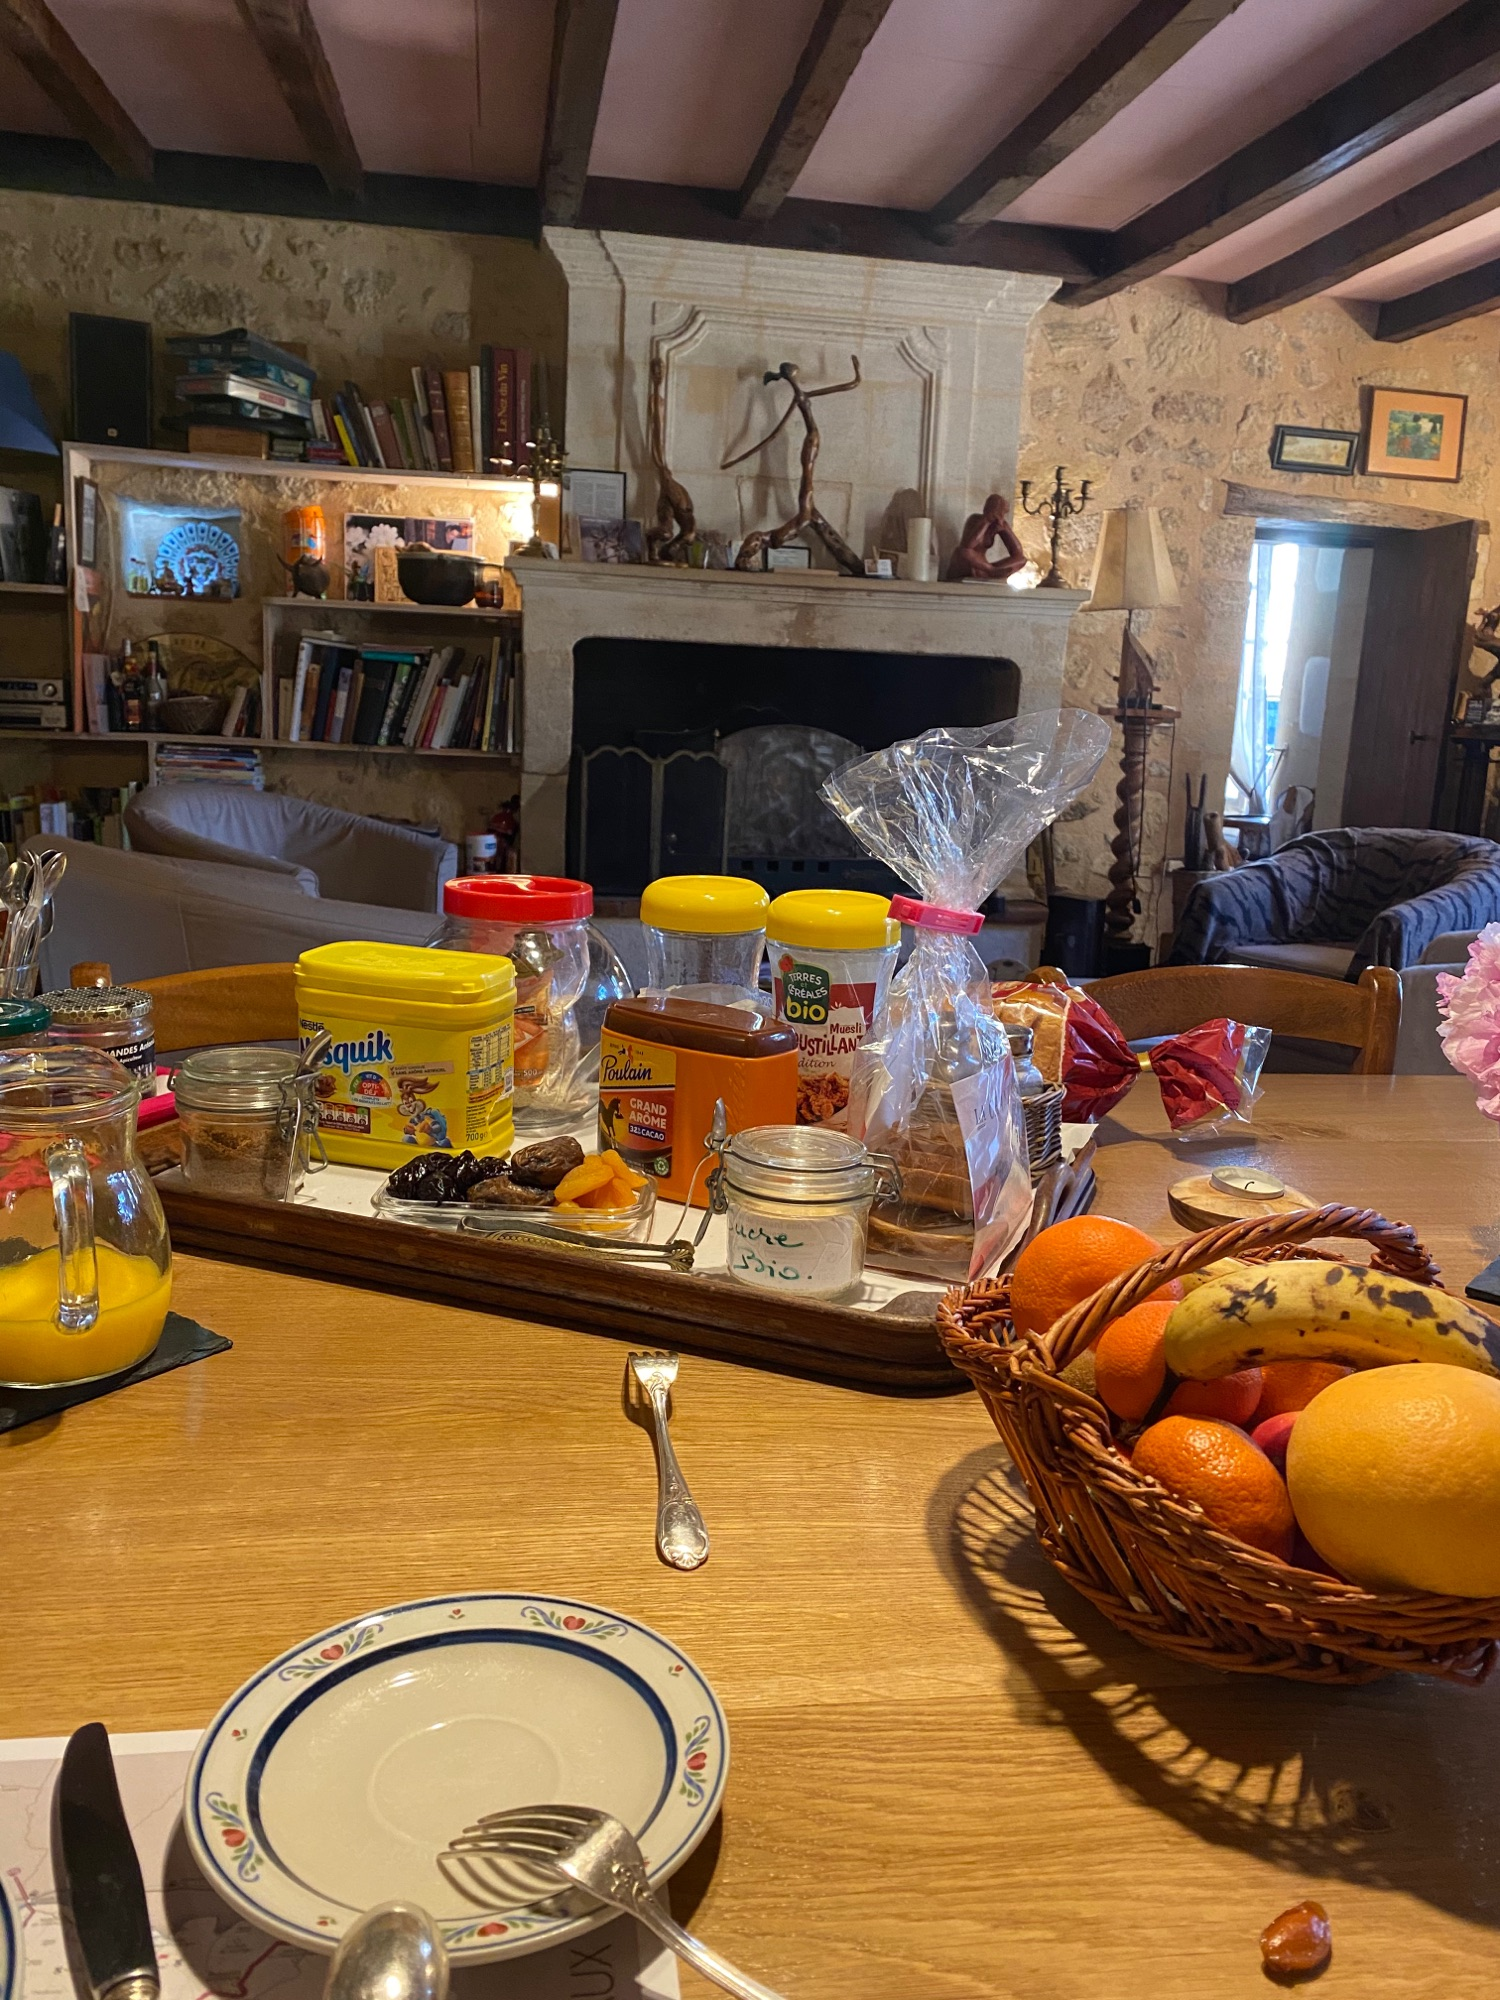 И малая часть нашего завтрака, сыр, ветчина и круассаны не влезли